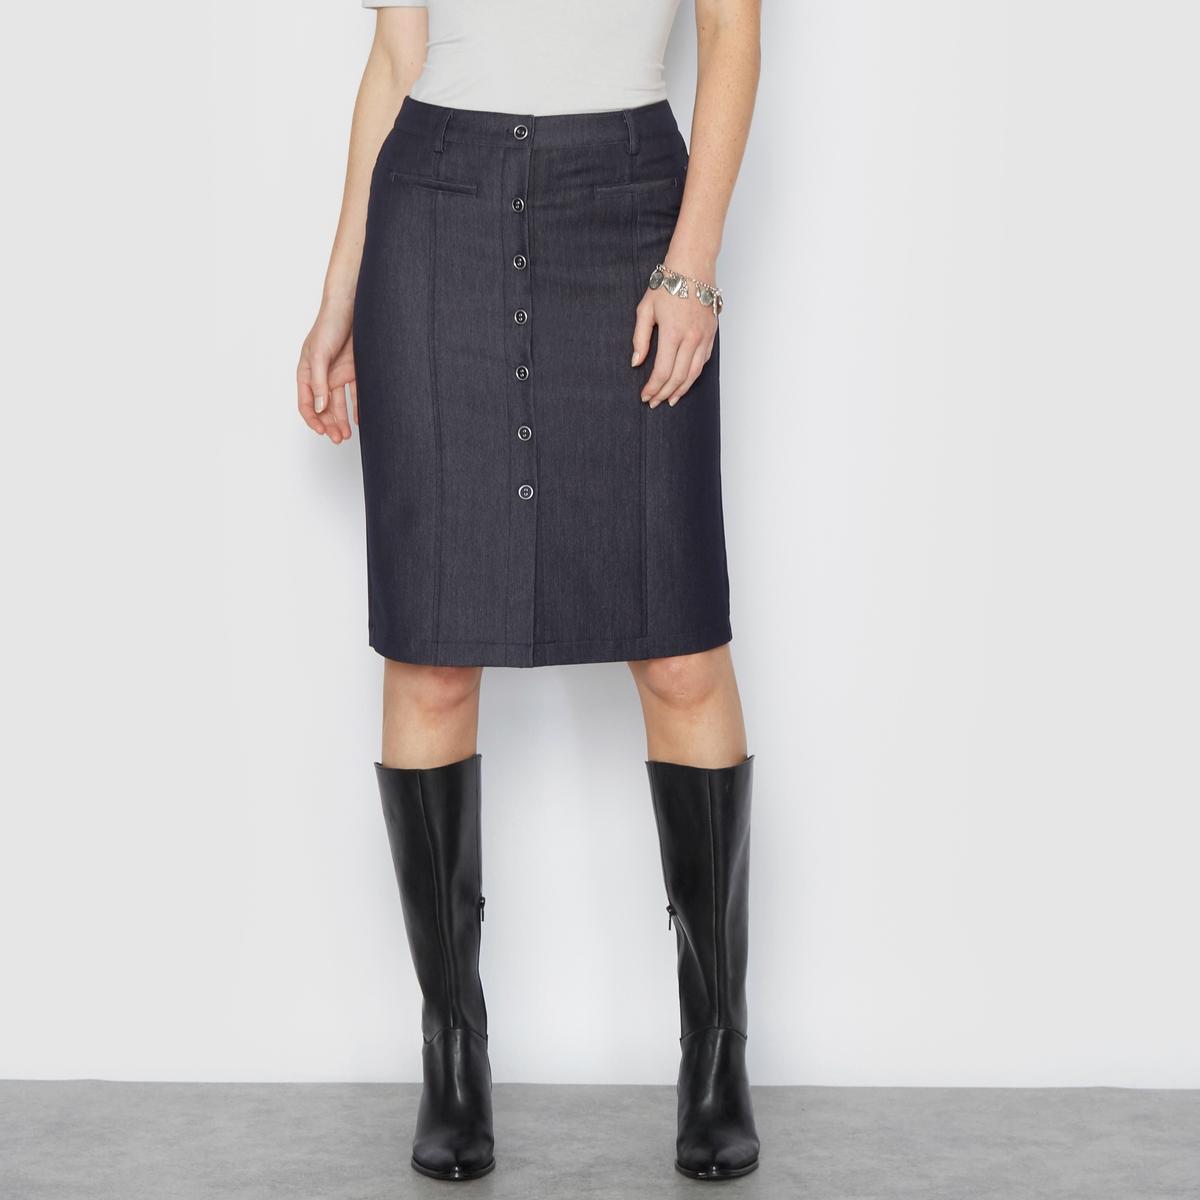 Юбка с джинсовым эффектом из ткани стрейч